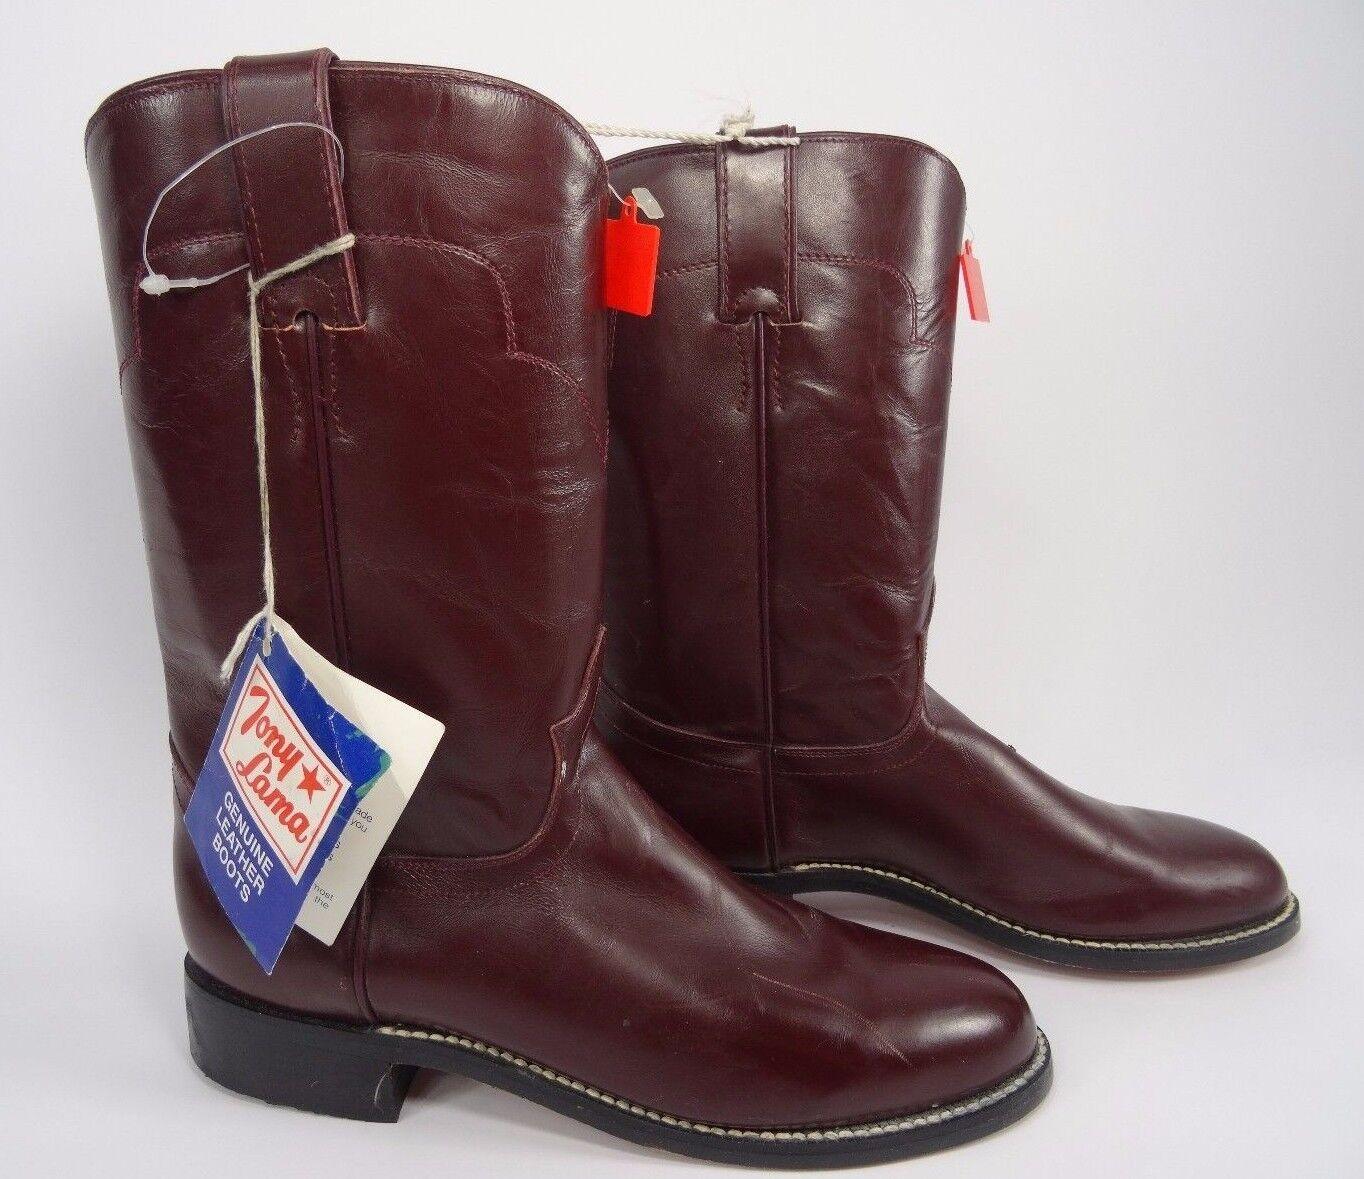 Tony Lama Roper Boots Womens size 6